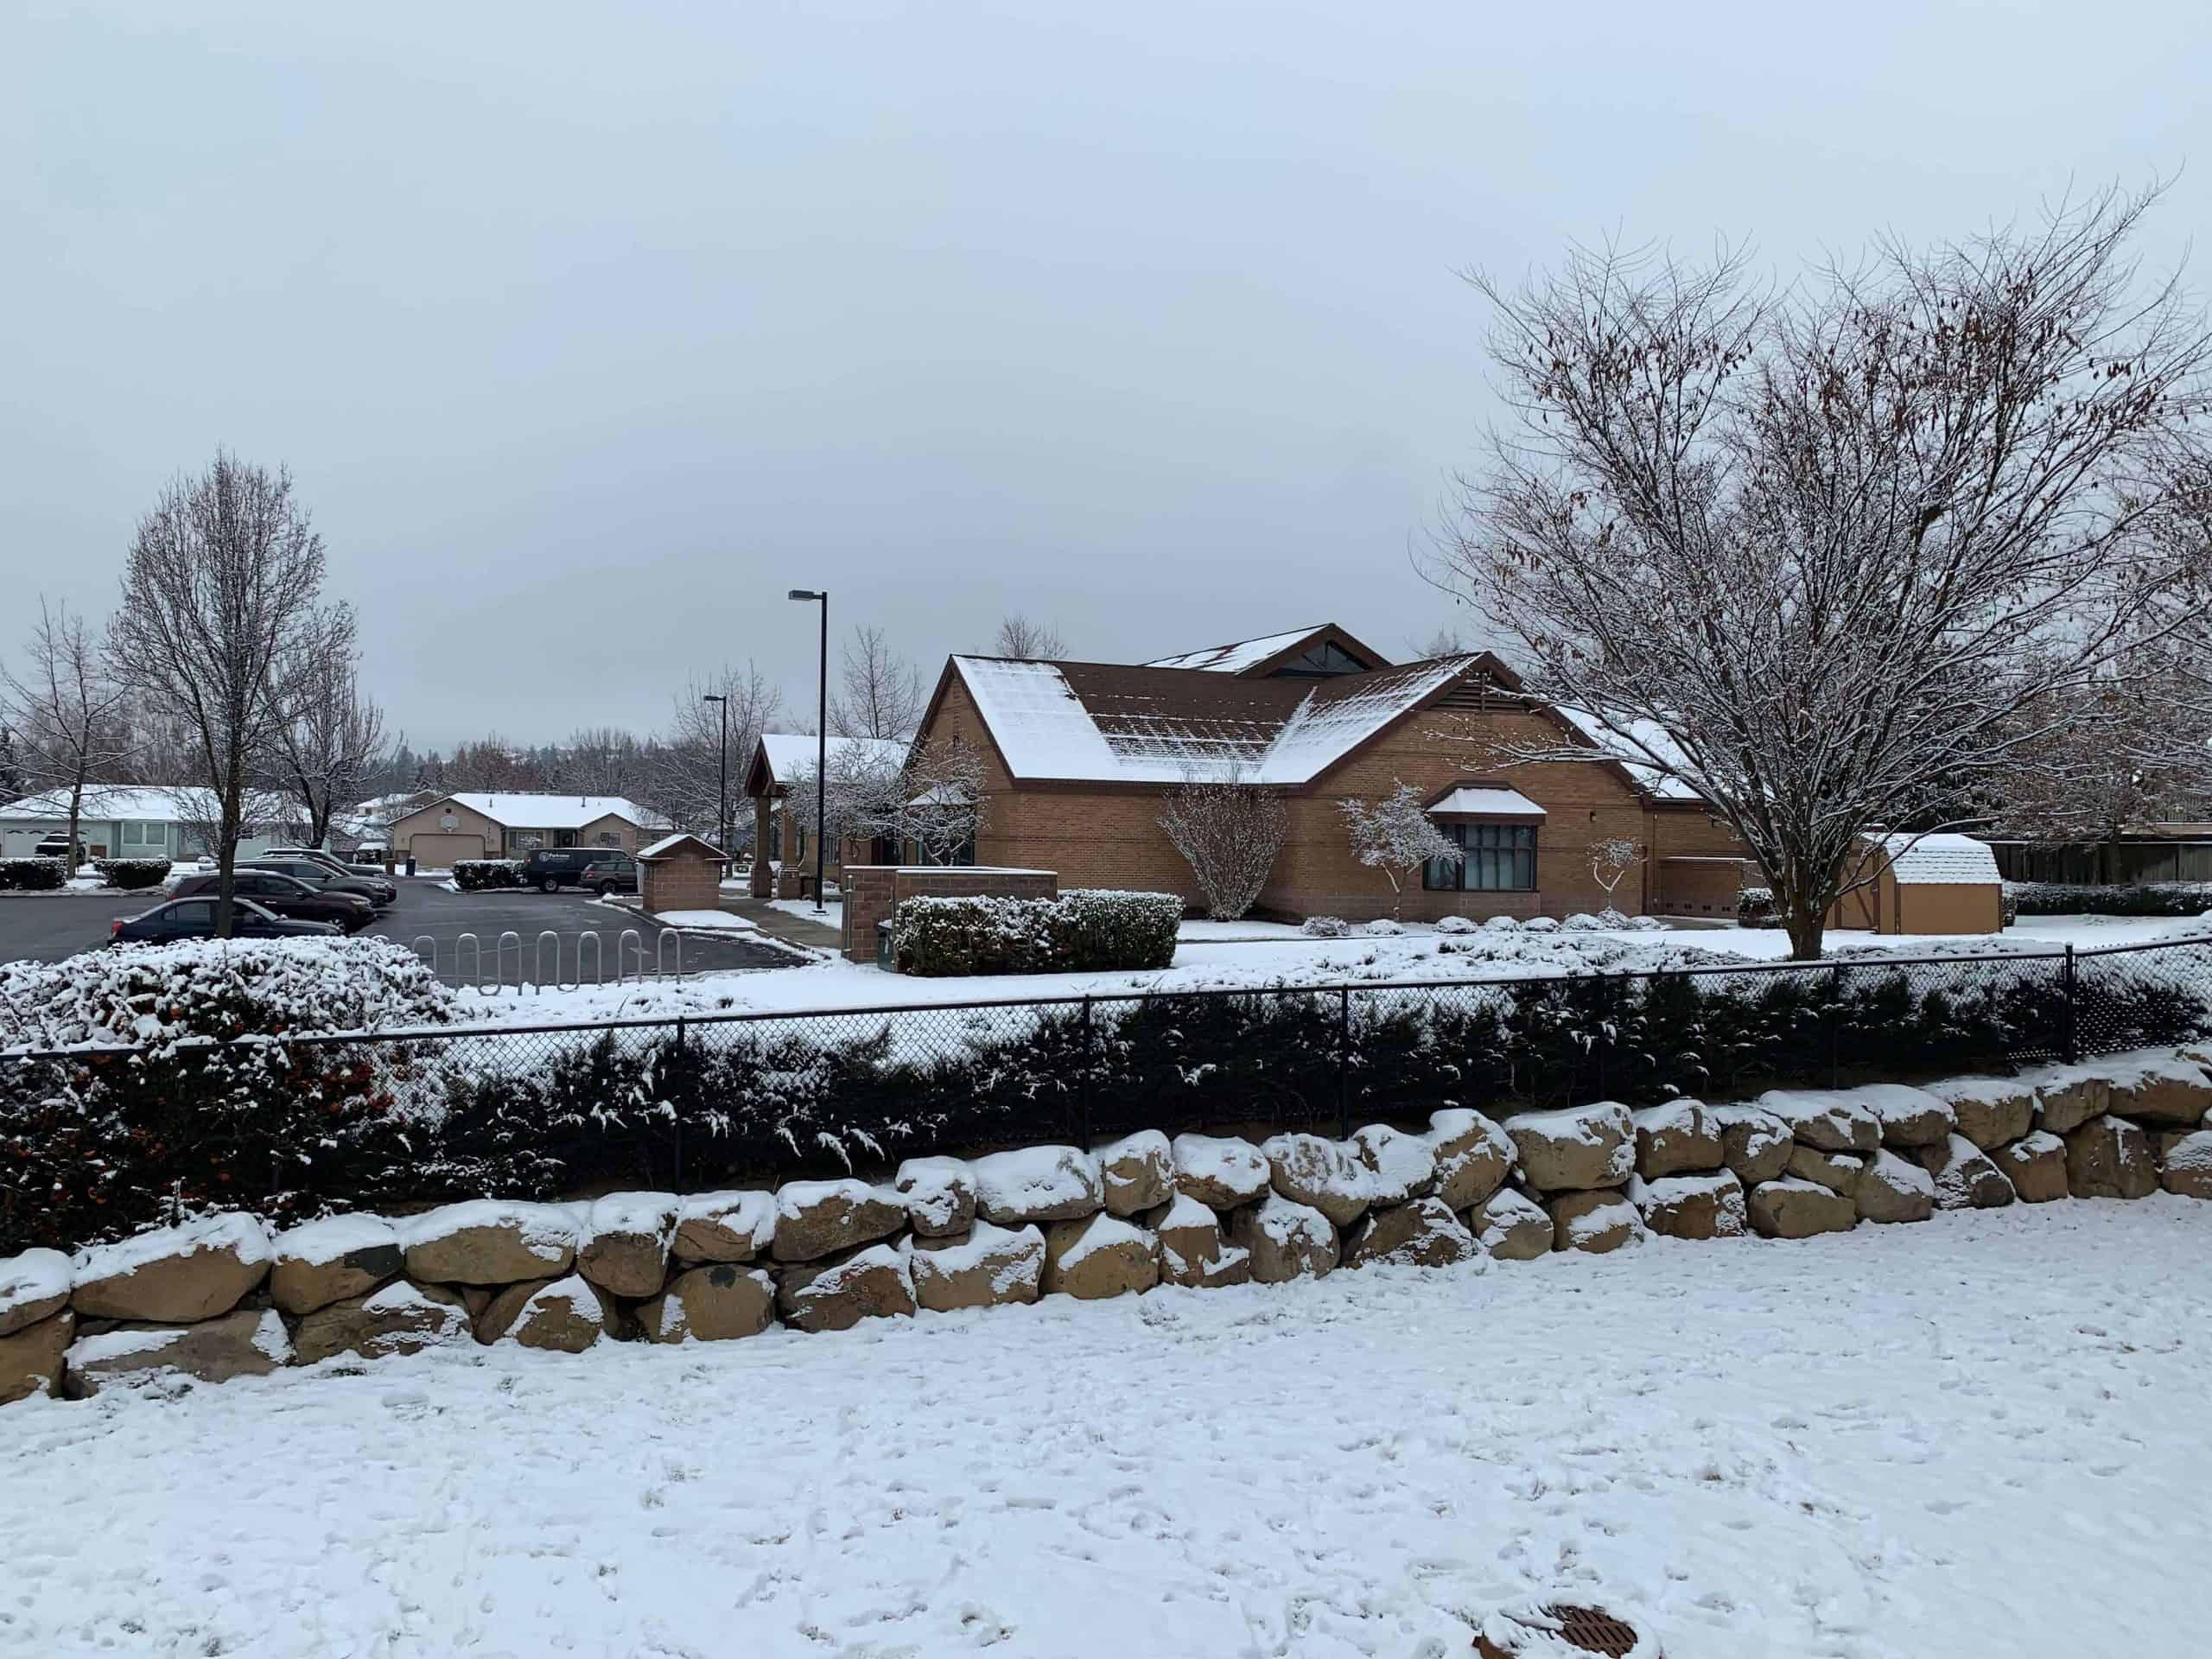 winter in spokane